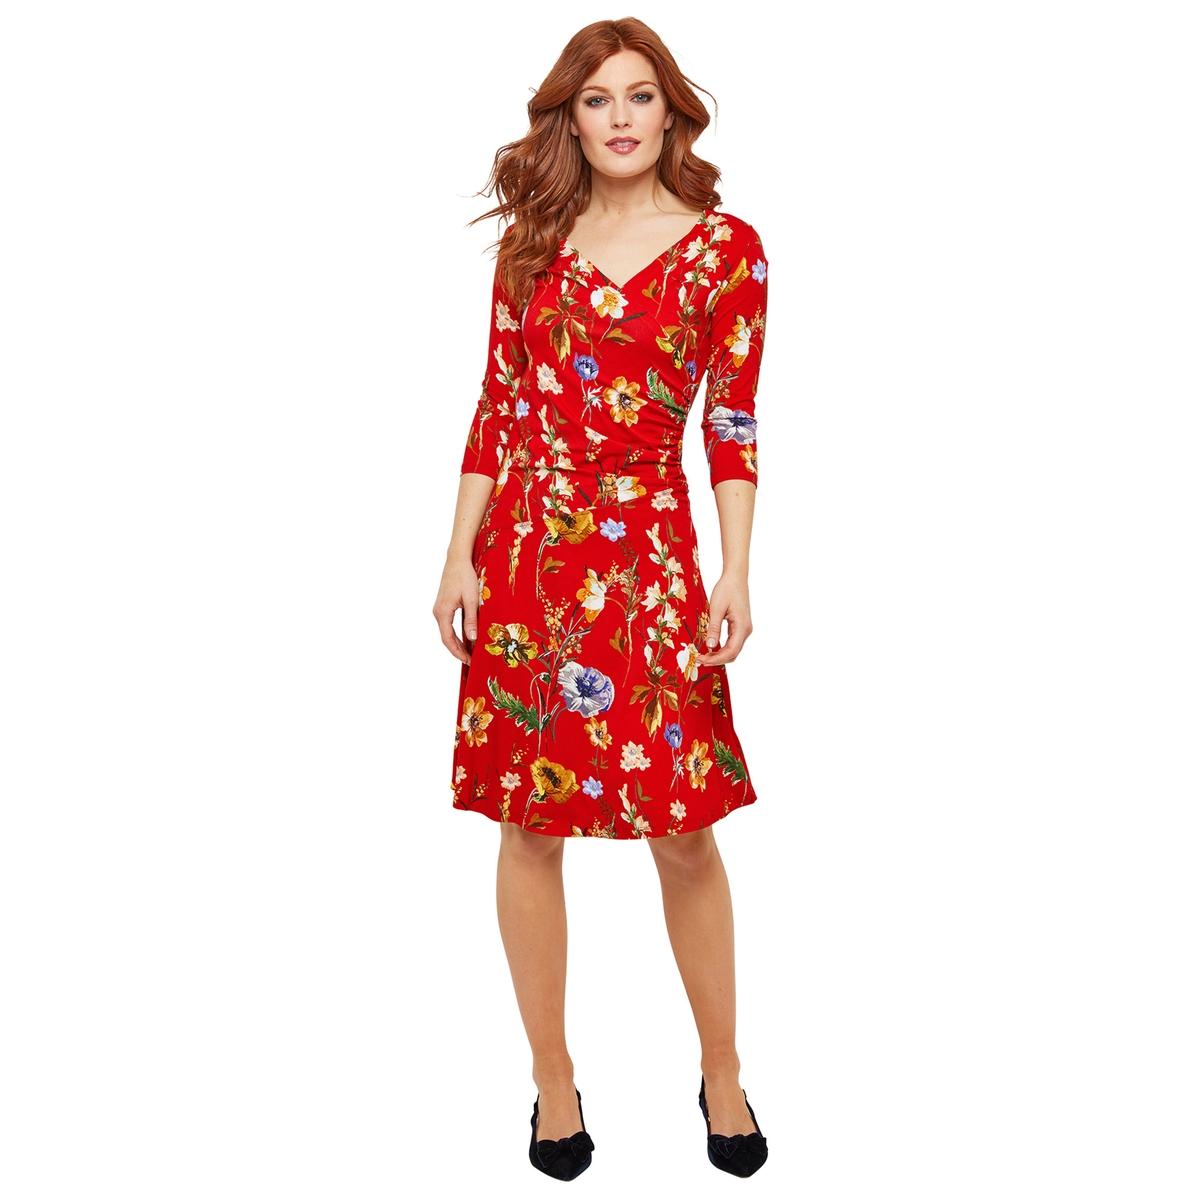 Платье La Redoute С запахом с цветочным рисунком и рукавами 44 (FR) - 50 (RUS) красный платье миди la redoute с запахом с цветочным принтом 54 fr 60 rus другие